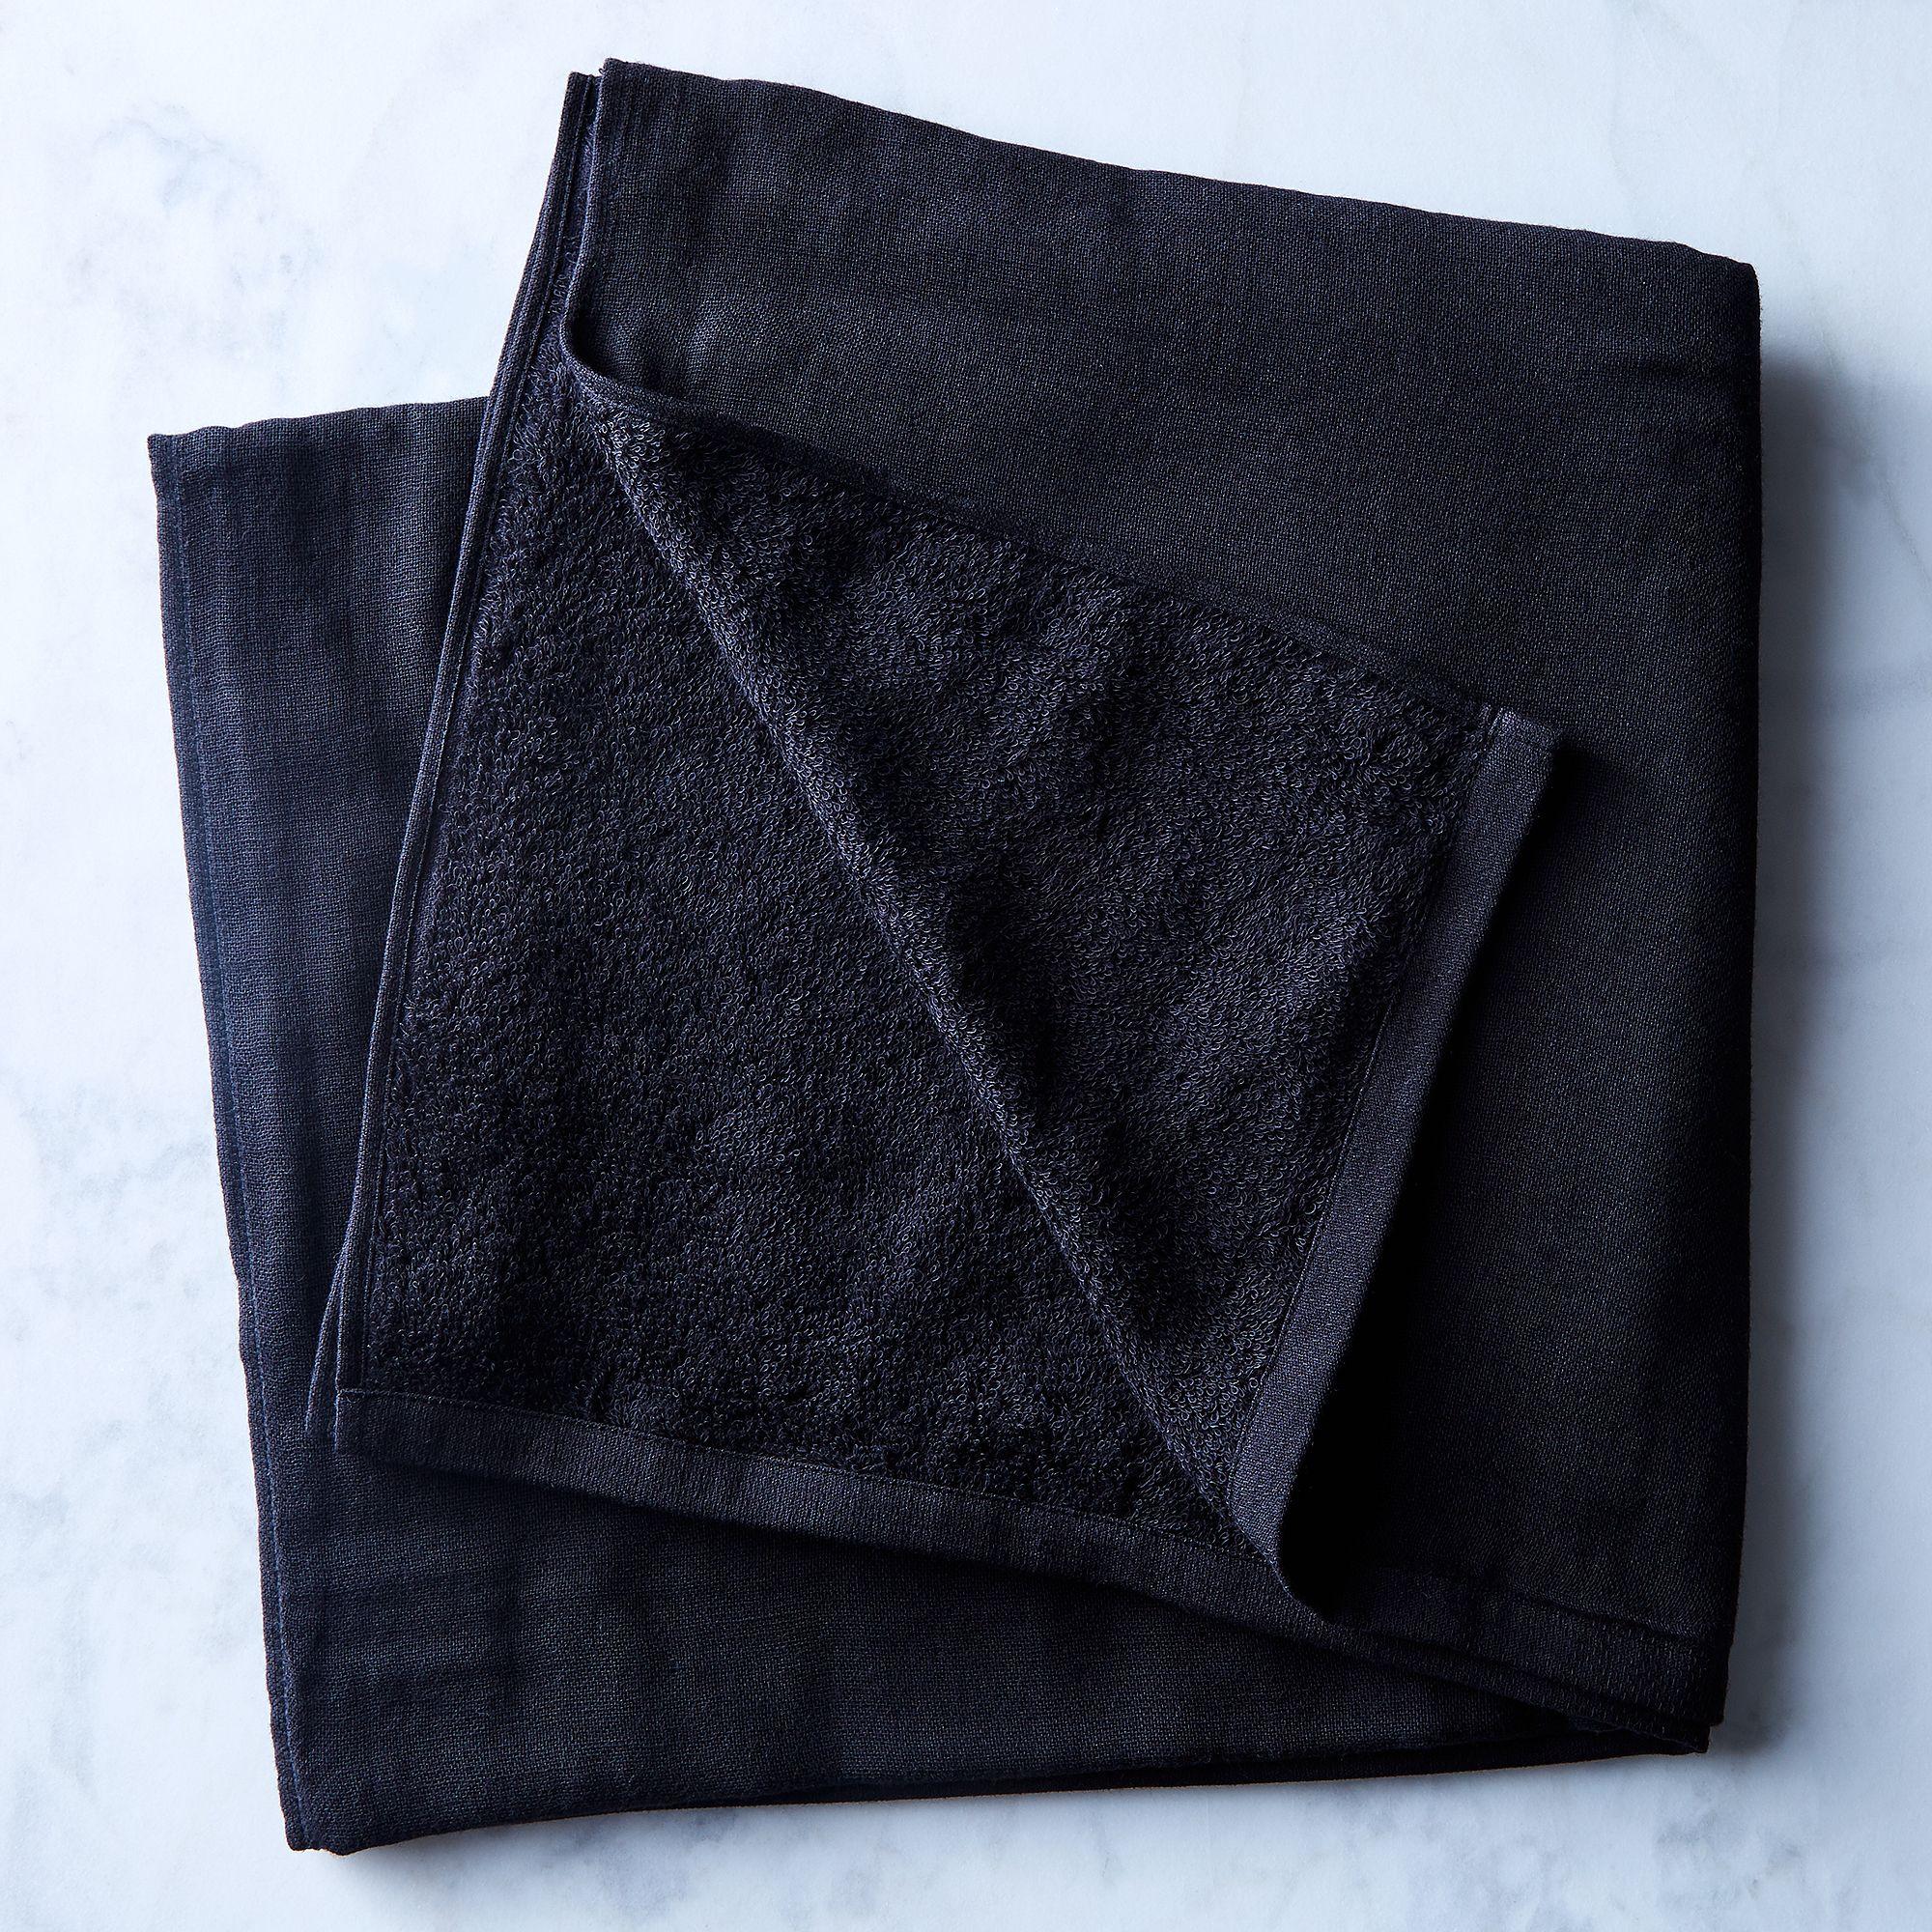 9ba5e5b8 1861 4596 b6e9 9b5347003563  2017 0815 morihata gauze towels bath towel black silo julia gartland 36054